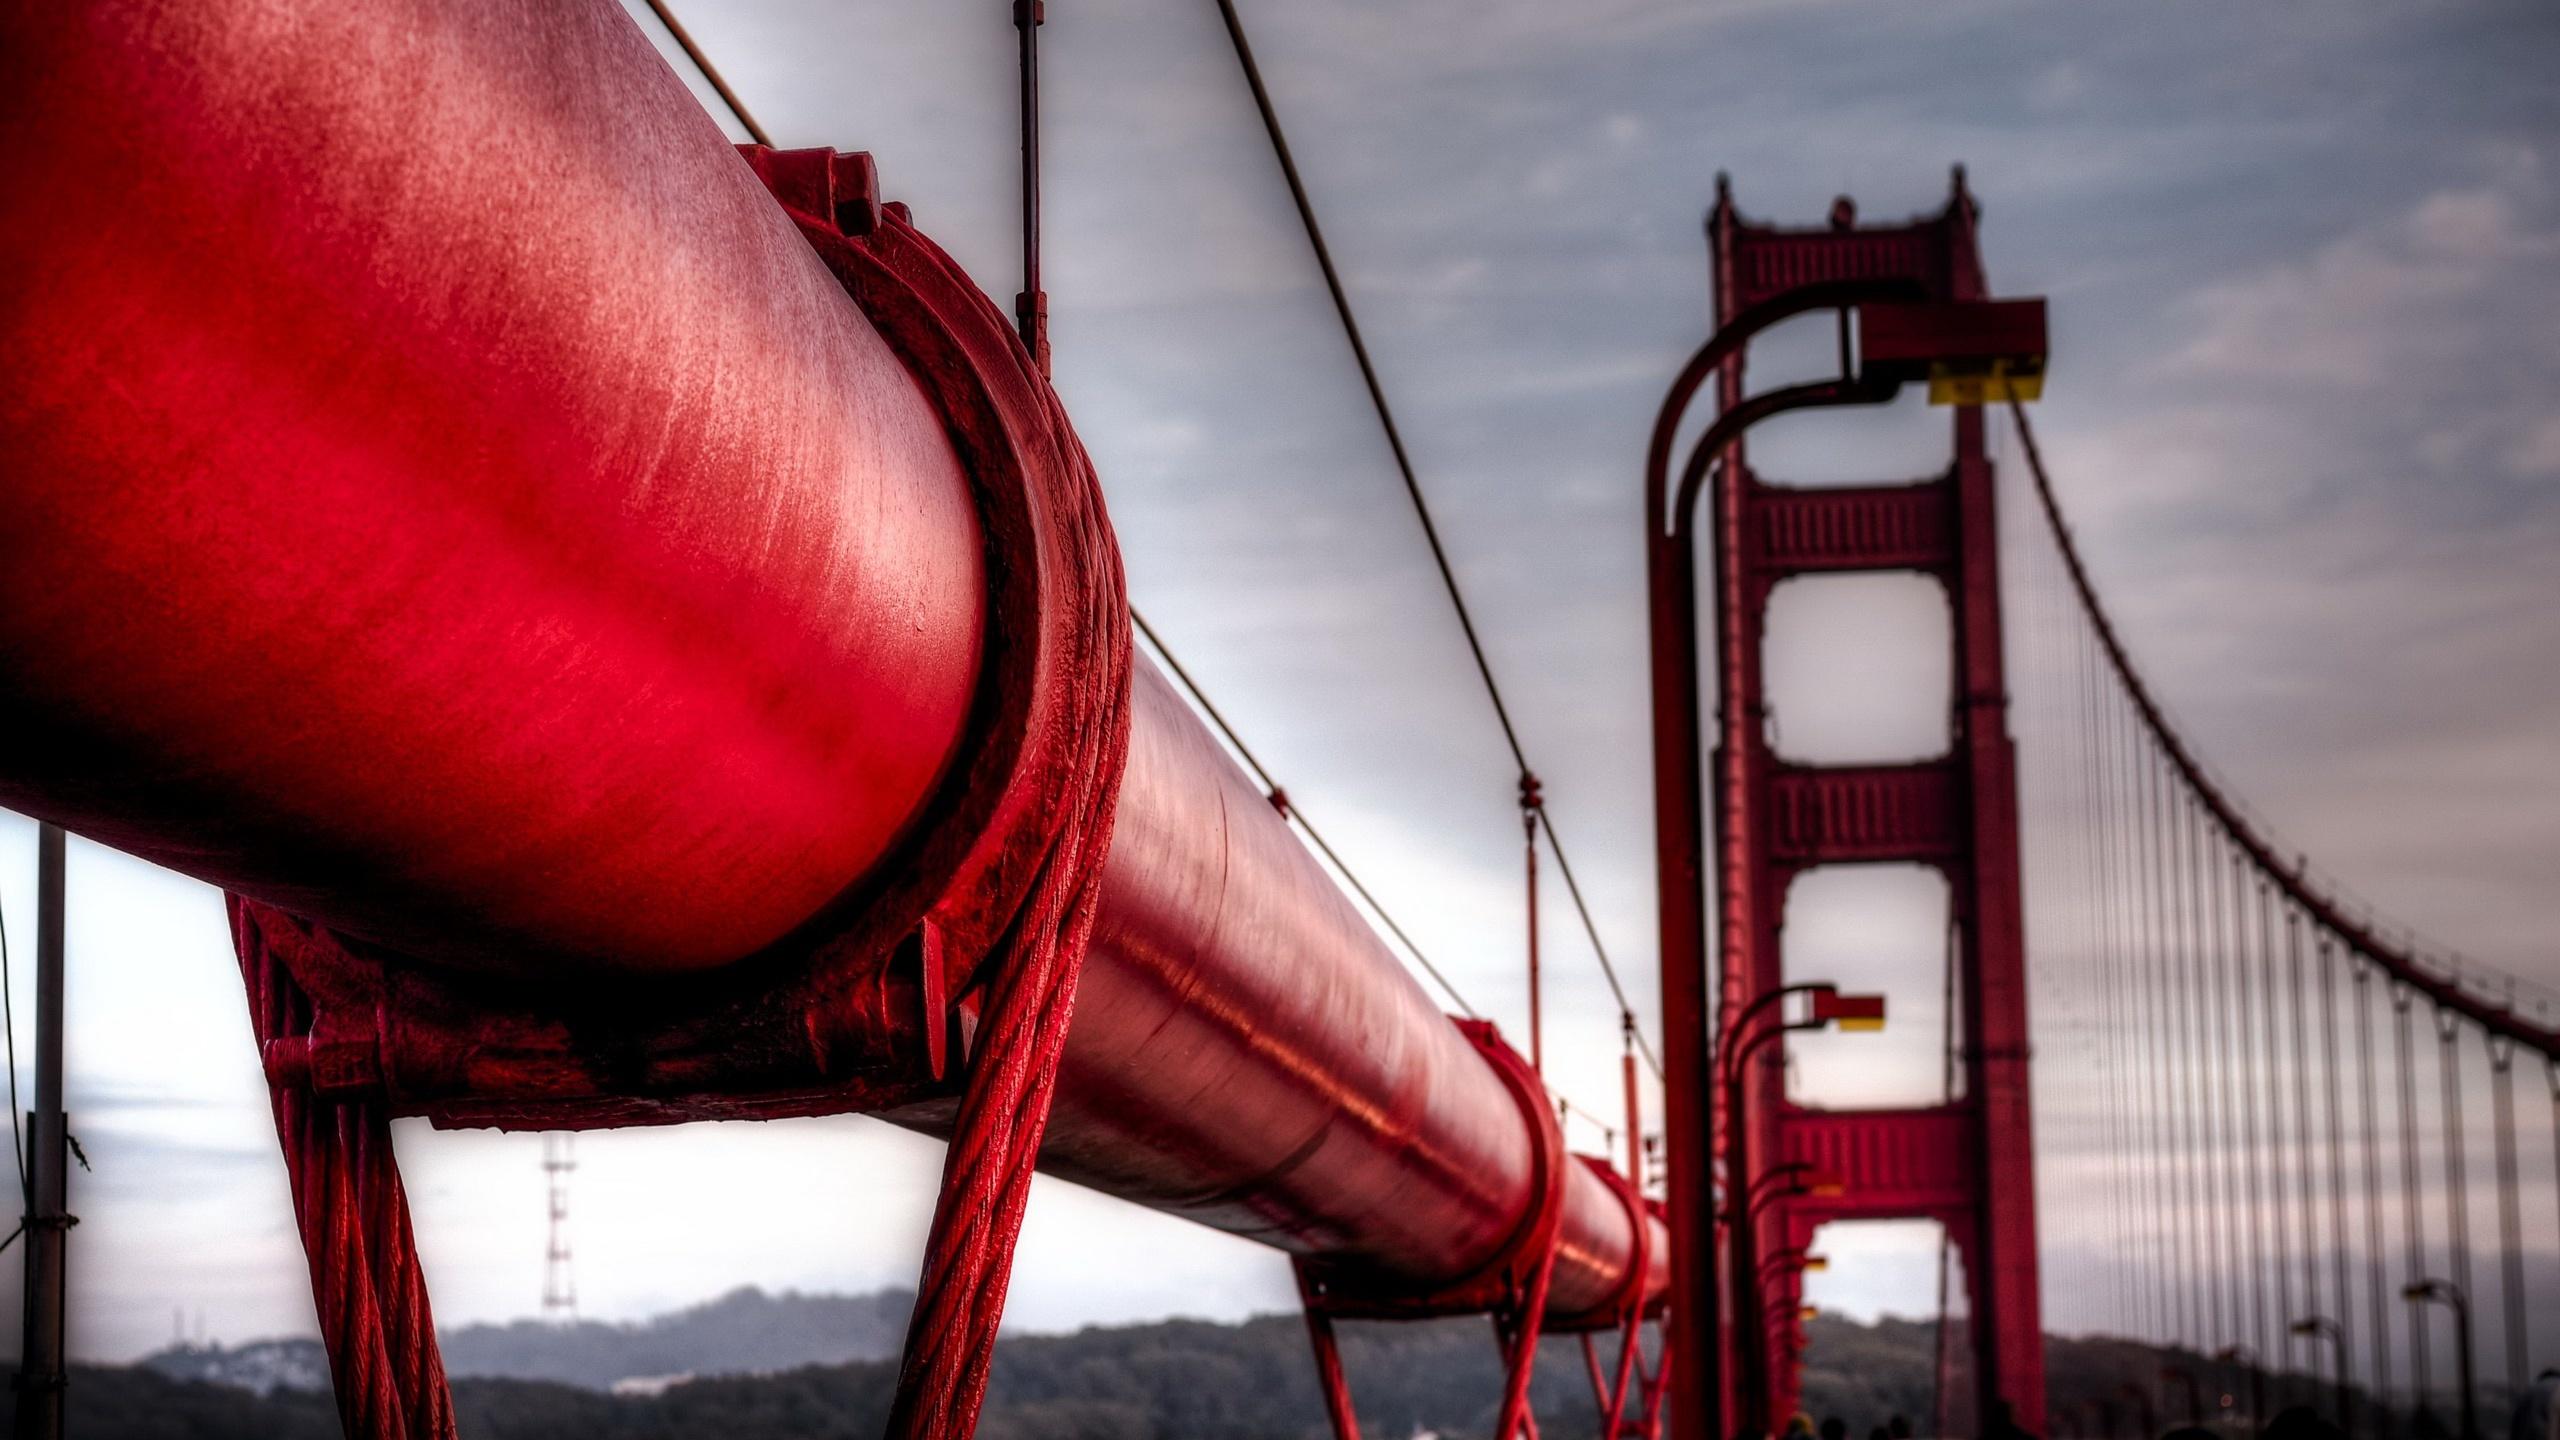 Fonds Decran 2560x1440 En Gros Plan Macro Ponts Rouge